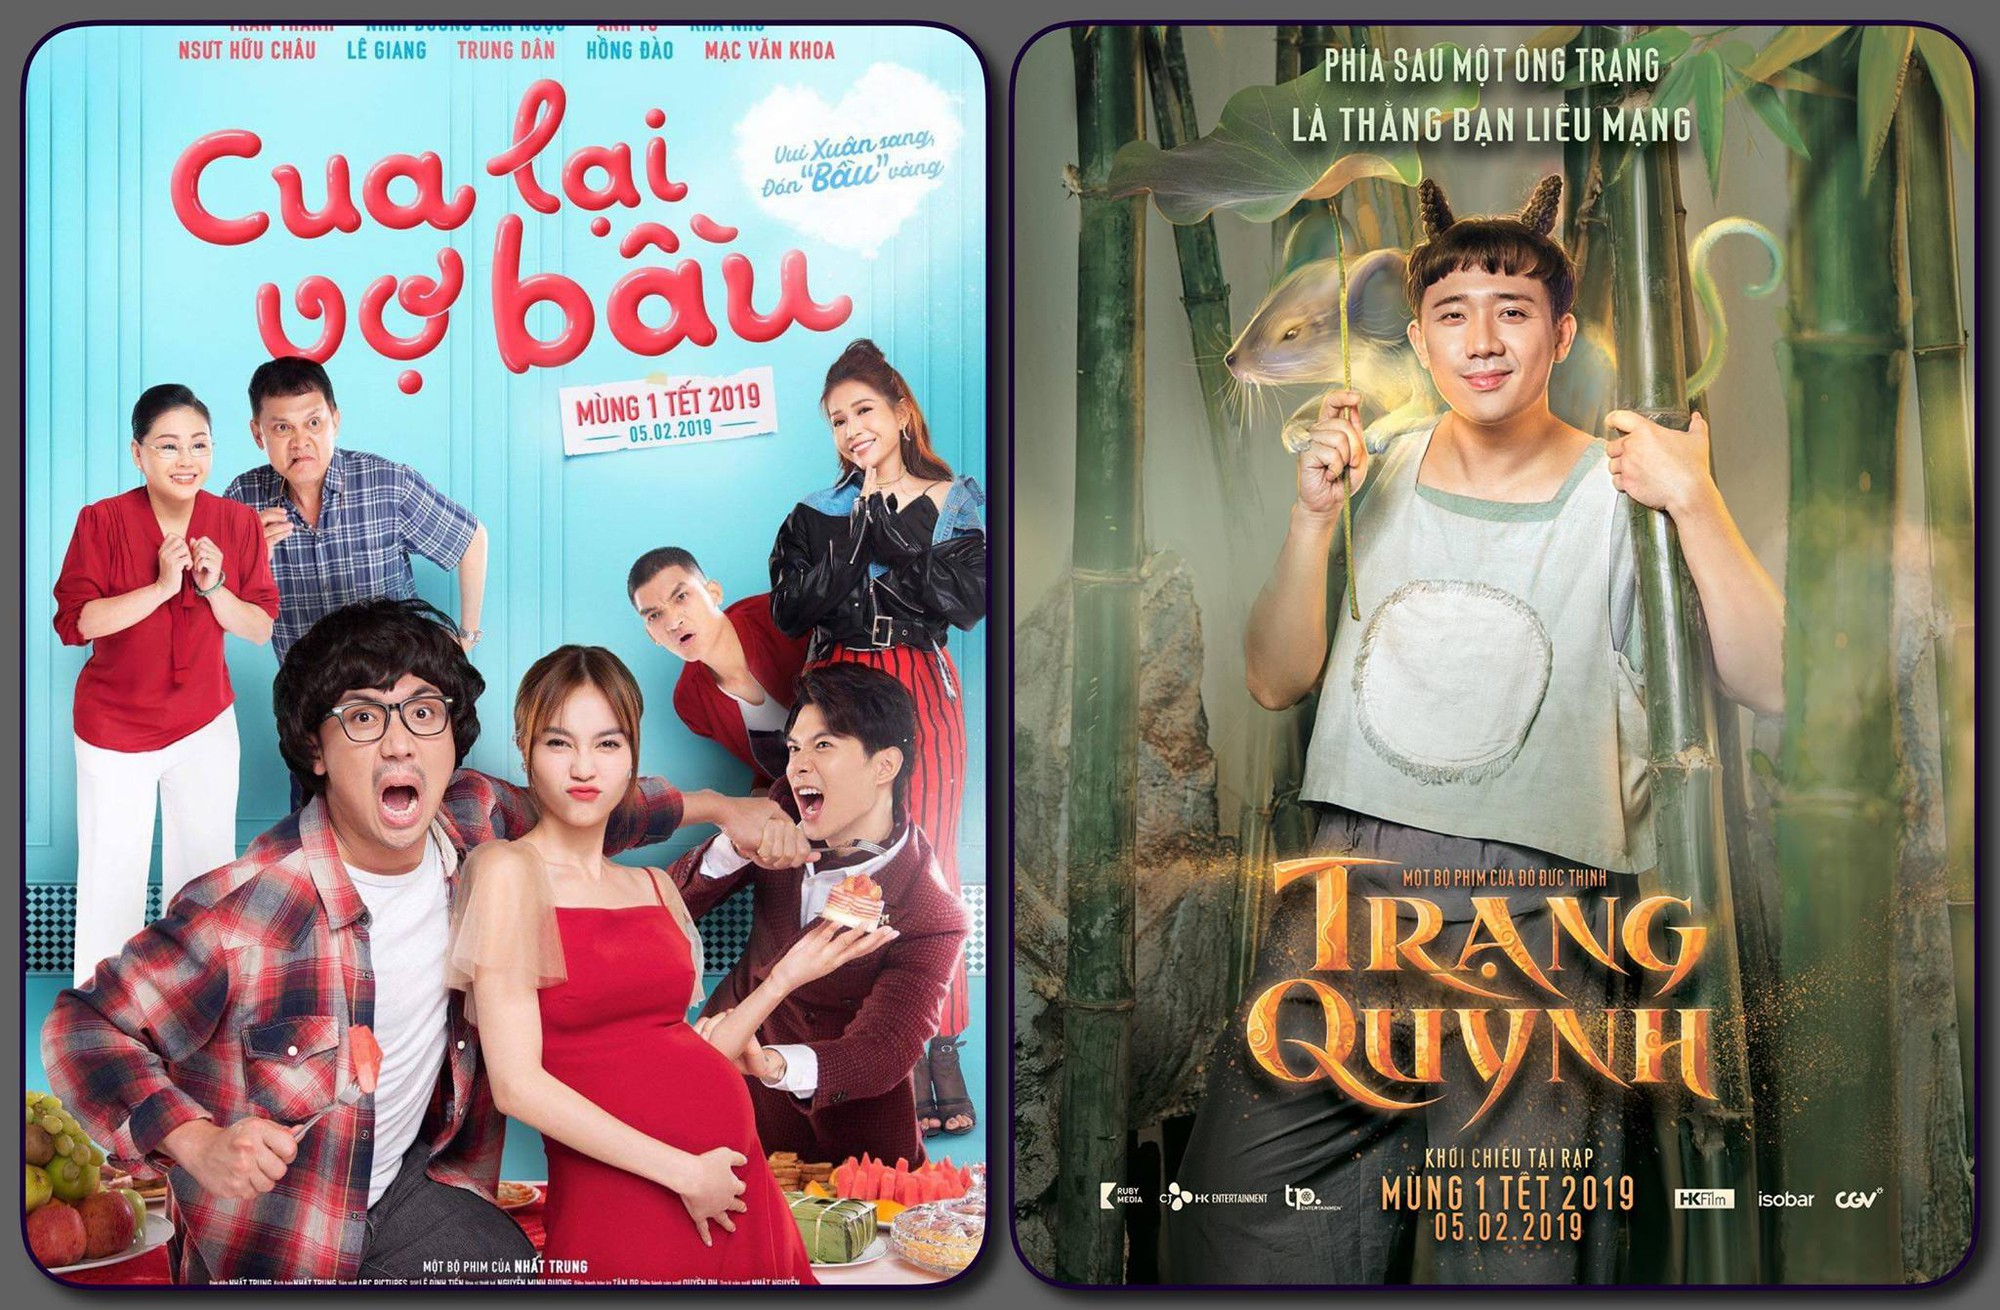 Đạo diễn Đức Thịnh: Trạng Quỳnh chỉ đang cạnh tranh top 1 với Bí Kíp Luyện Rồng 3 - Ảnh 5.